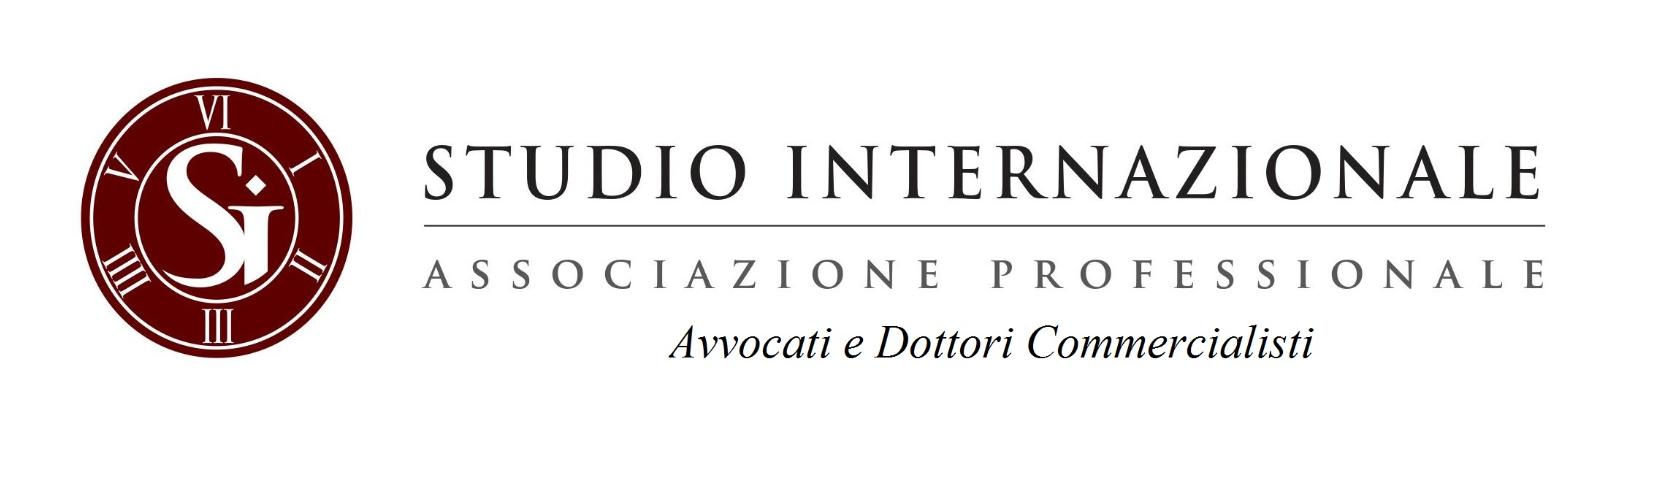 Studio Internazionale logo